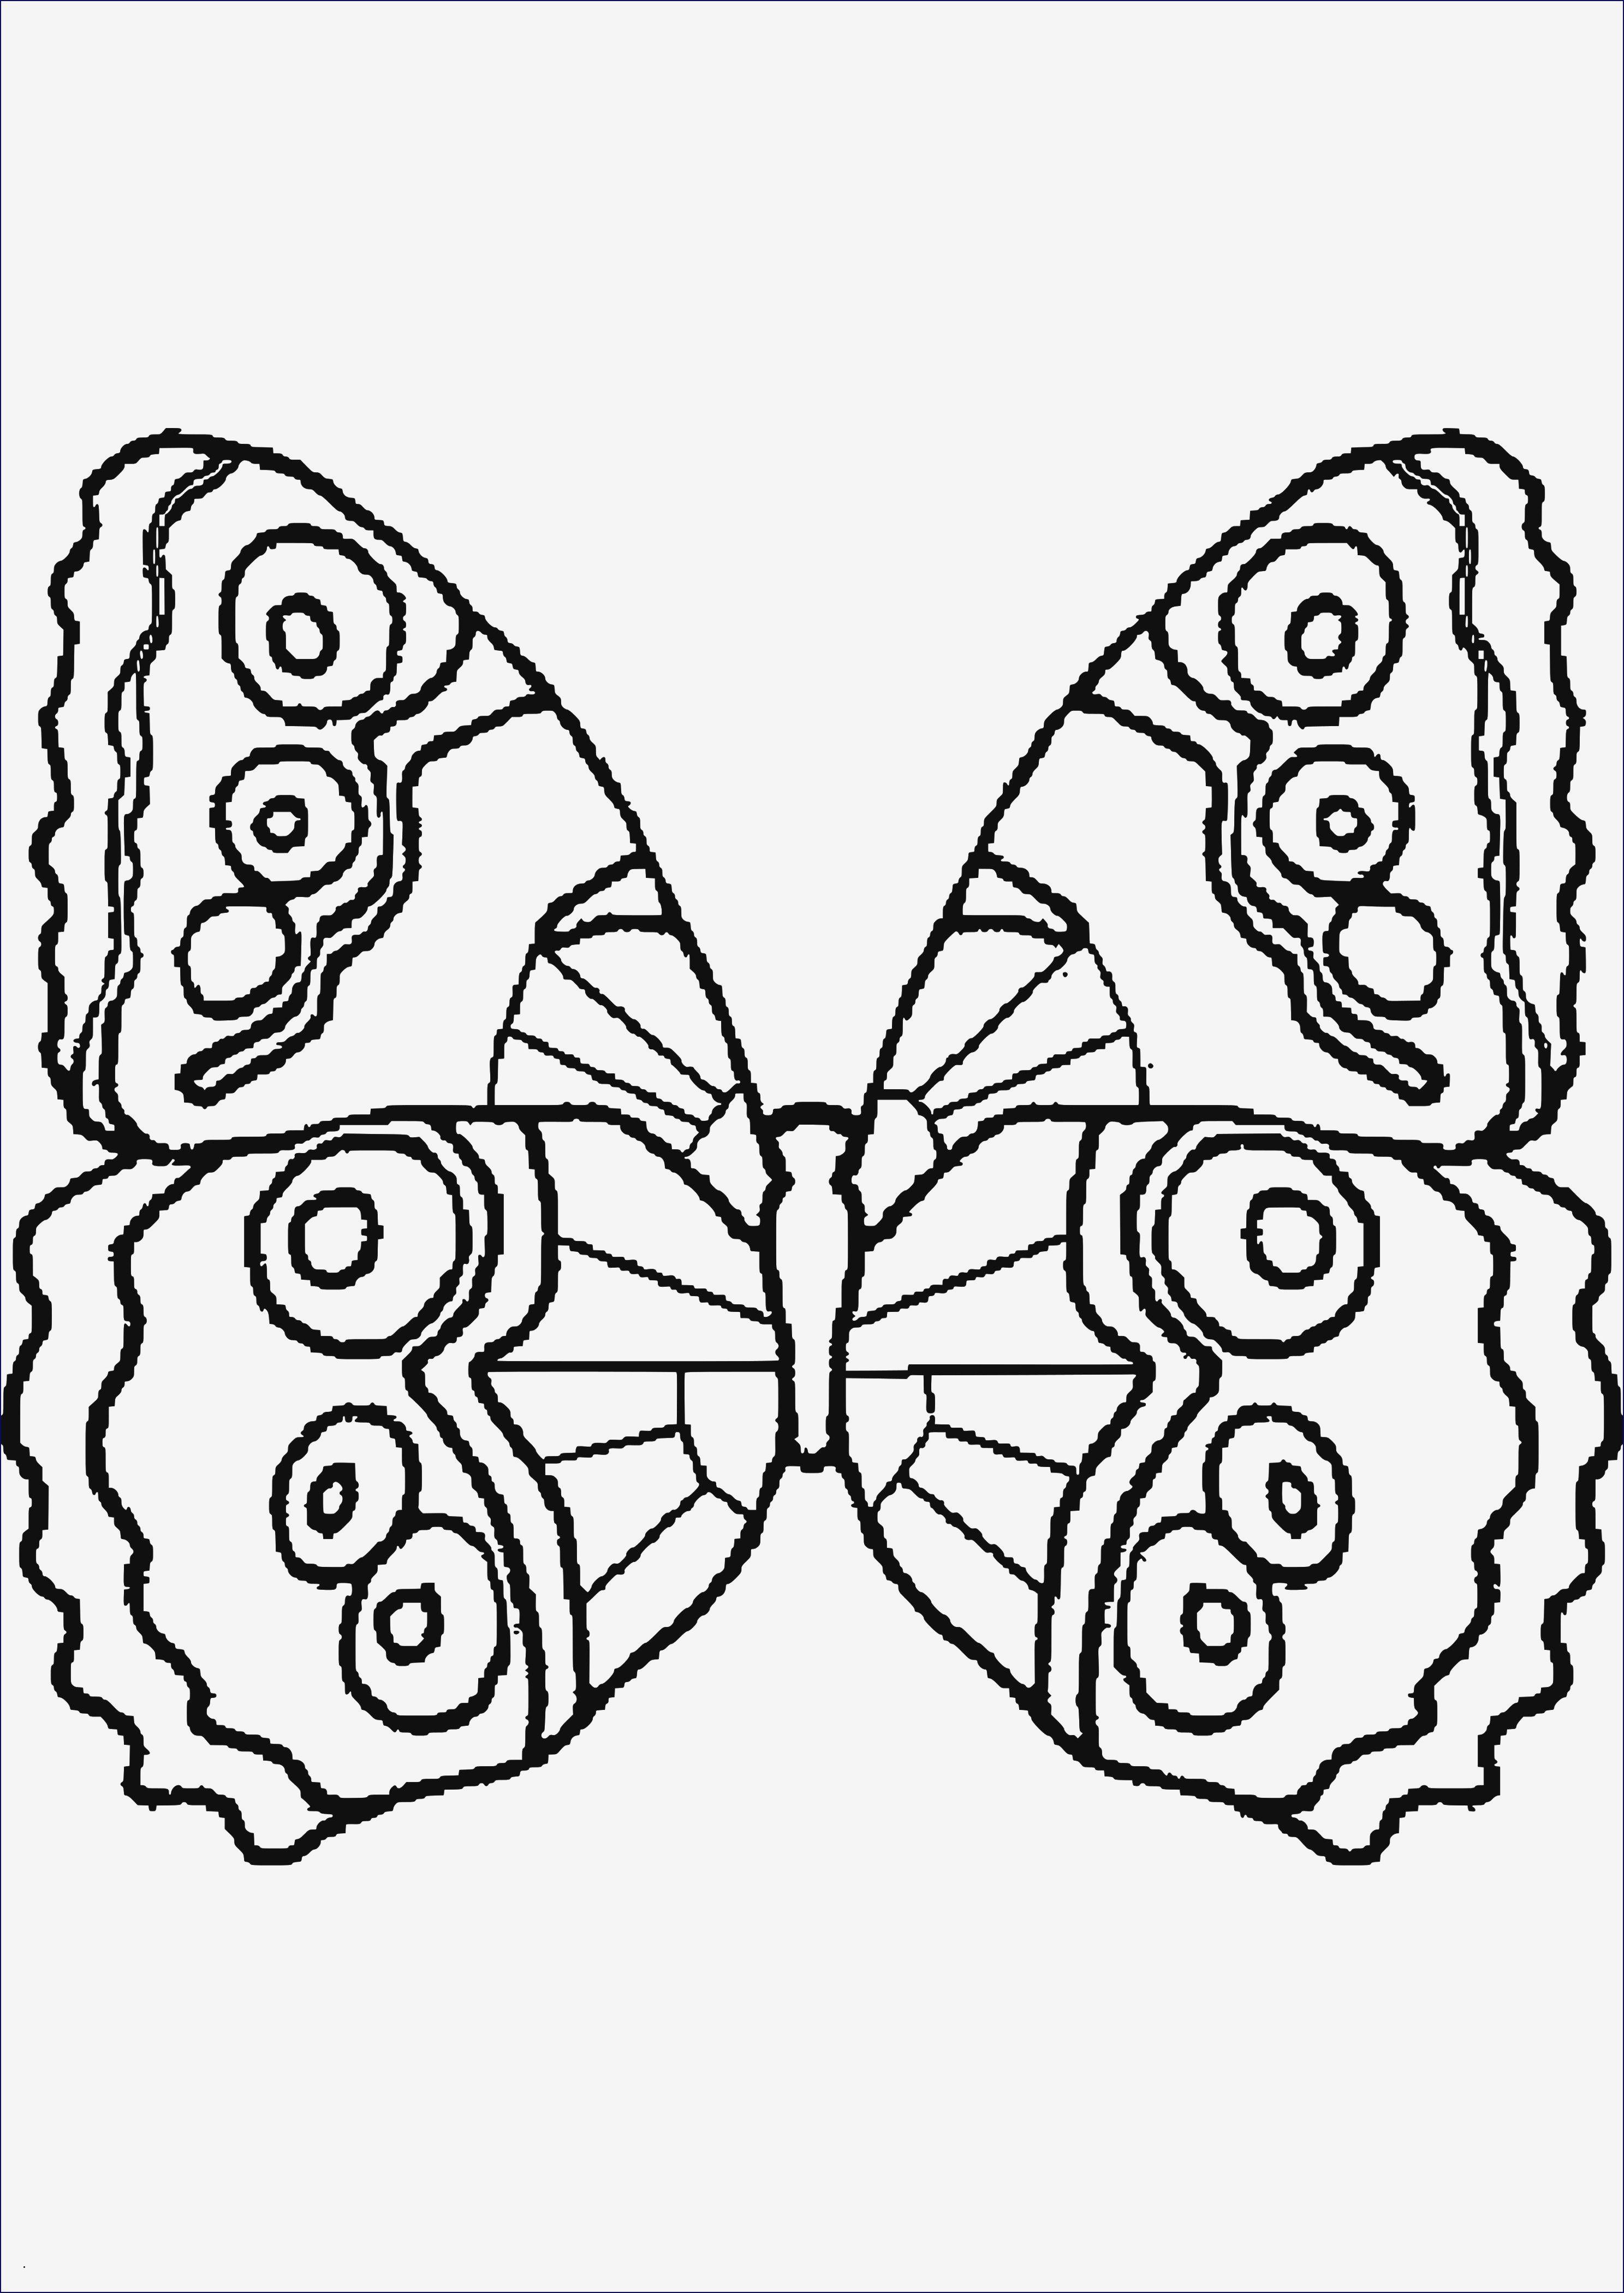 Ausmalbilder Ostereier Kostenlos Das Beste Von 40 Skizze Mandala Ausmalbilder Kostenlos Treehouse Nyc Stock